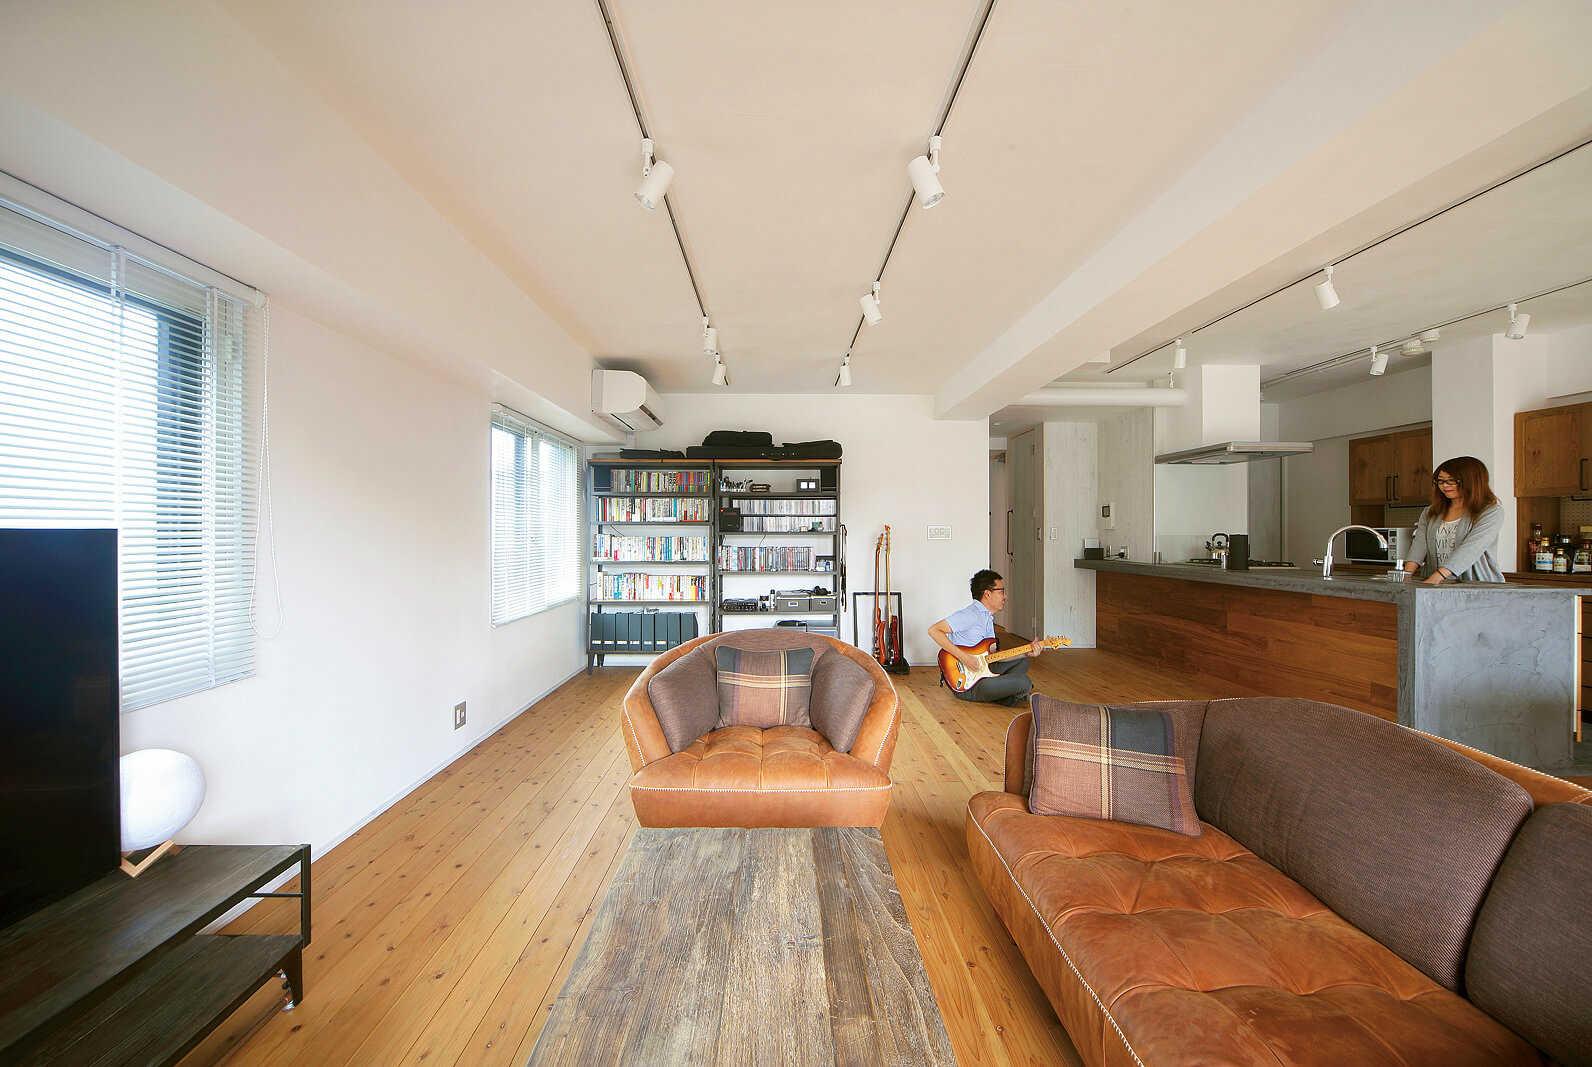 ソファセットをはじめとする家具は、インテリアショップ「クラッシュゲート」のもので統一